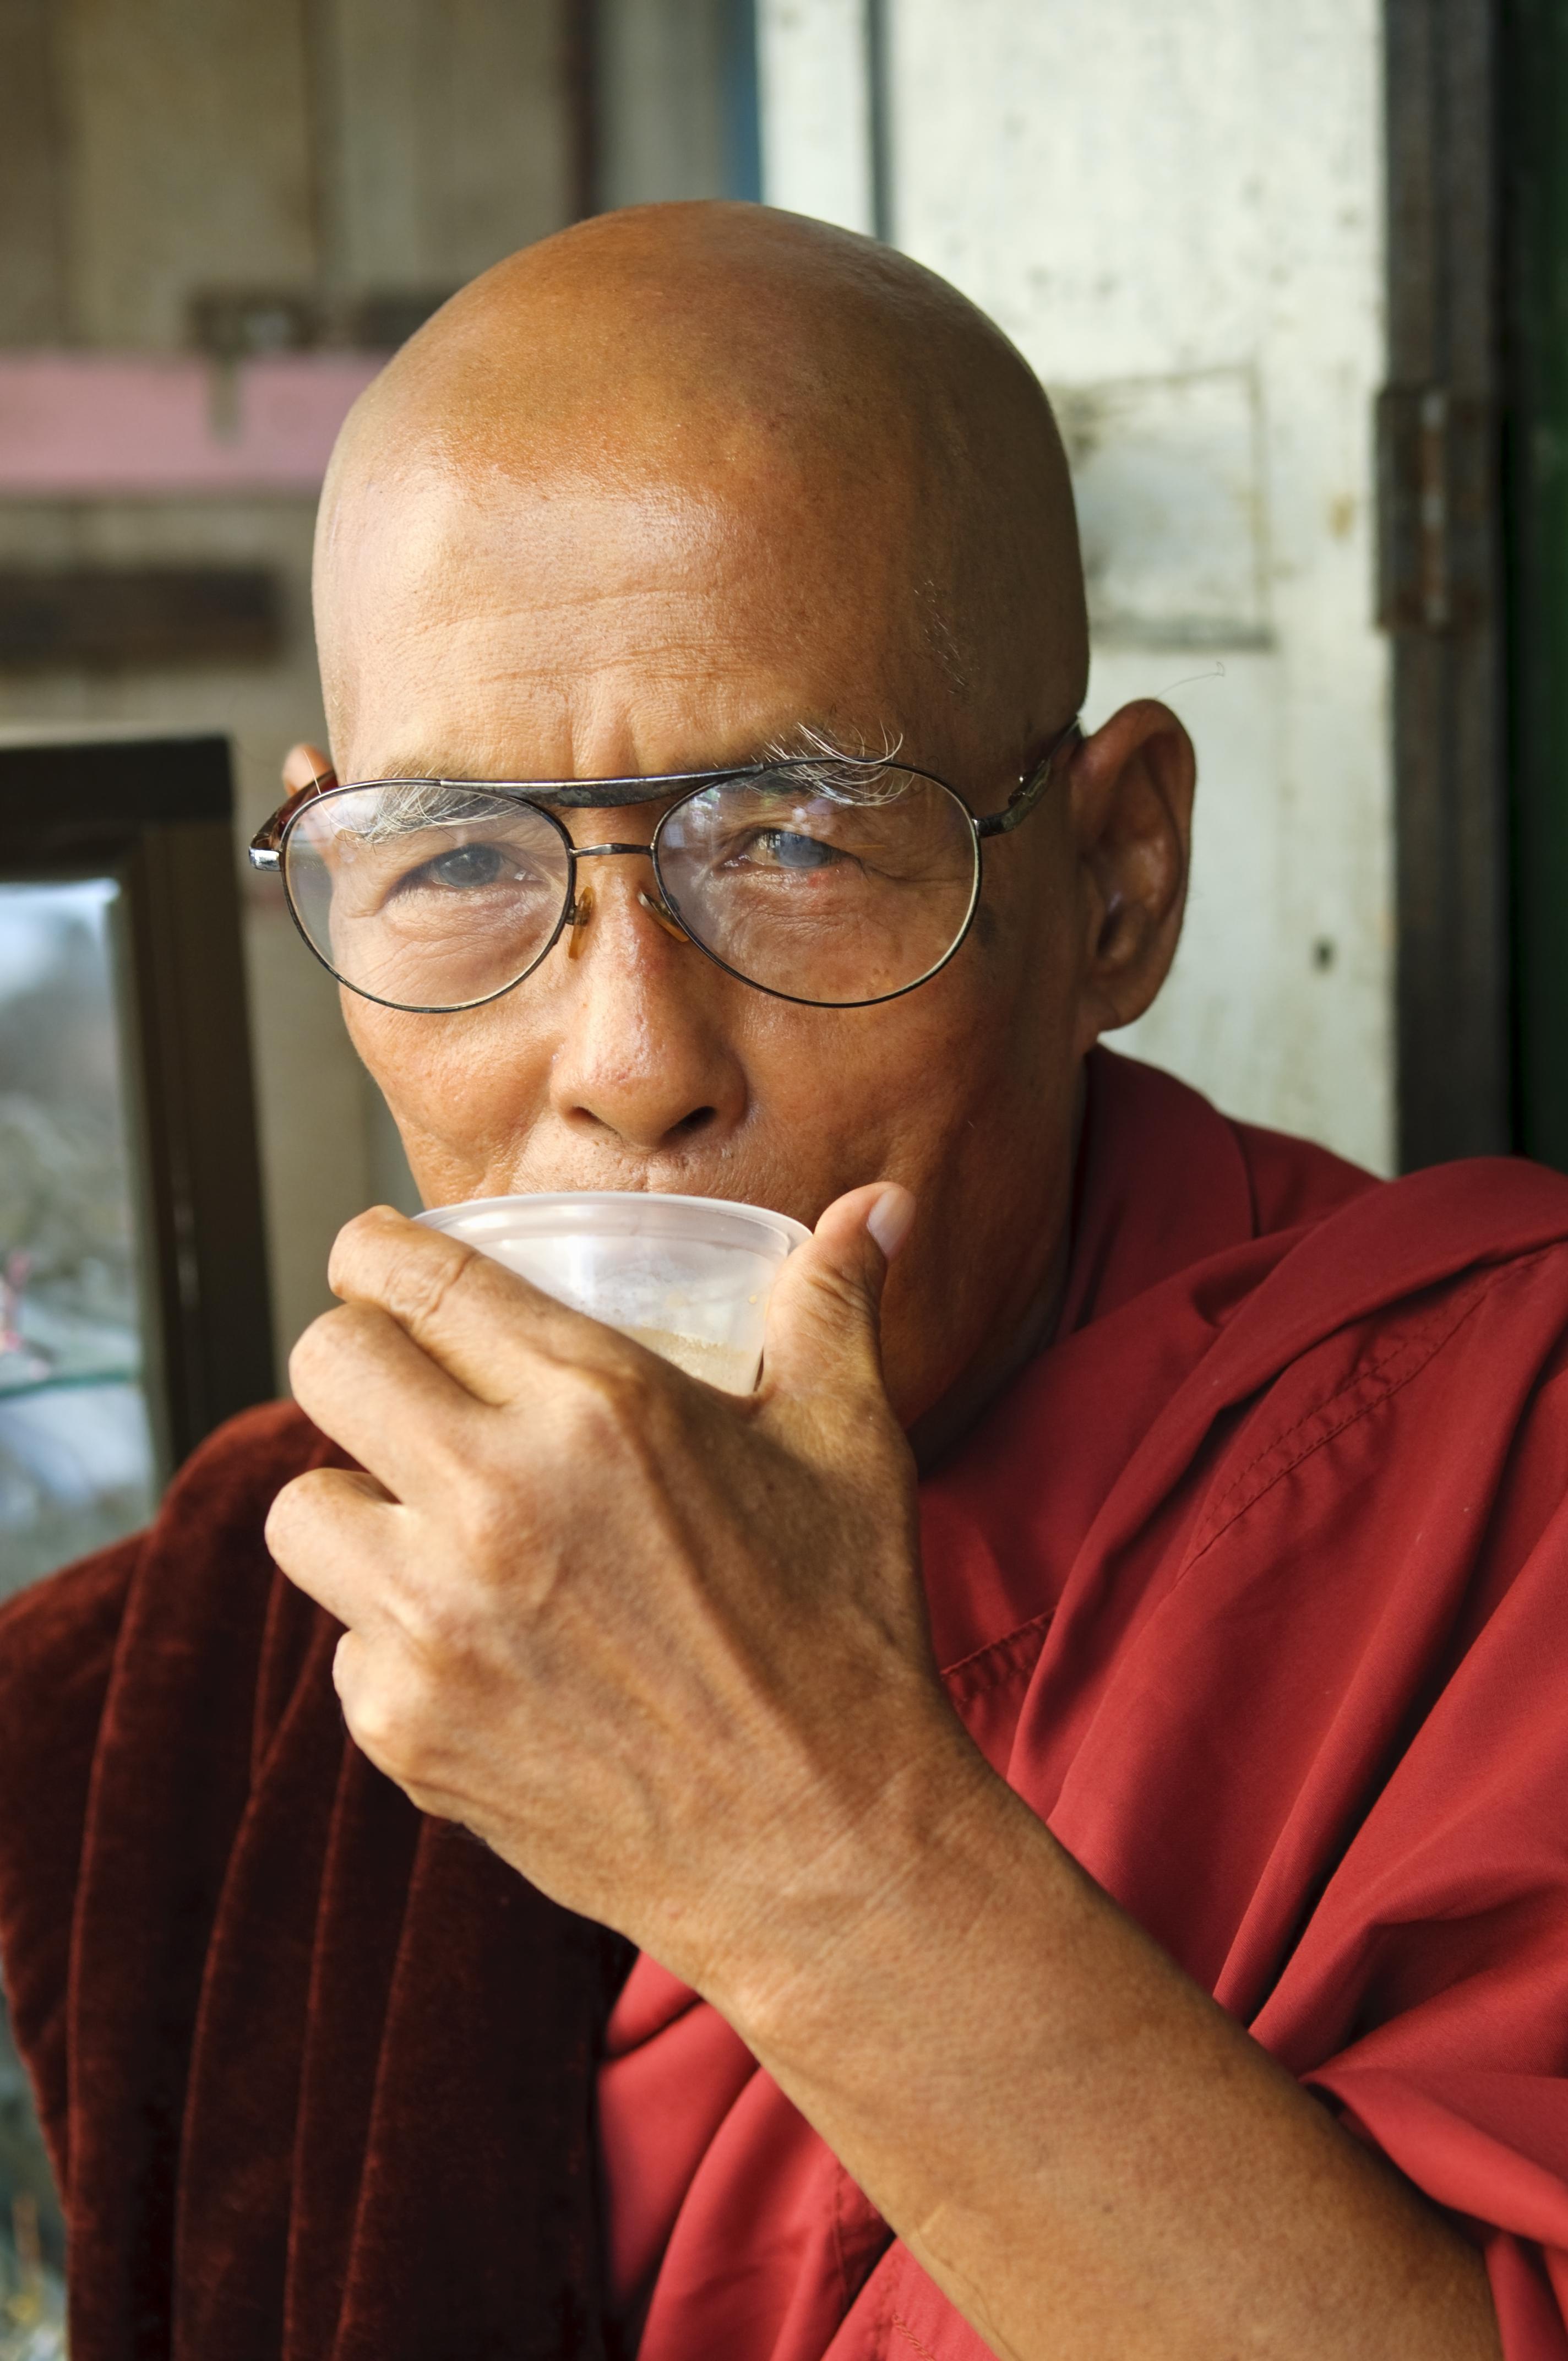 Conocer el microcosmos de las Casas de Té - Myanmar Gran Viaje Myanmar exótico